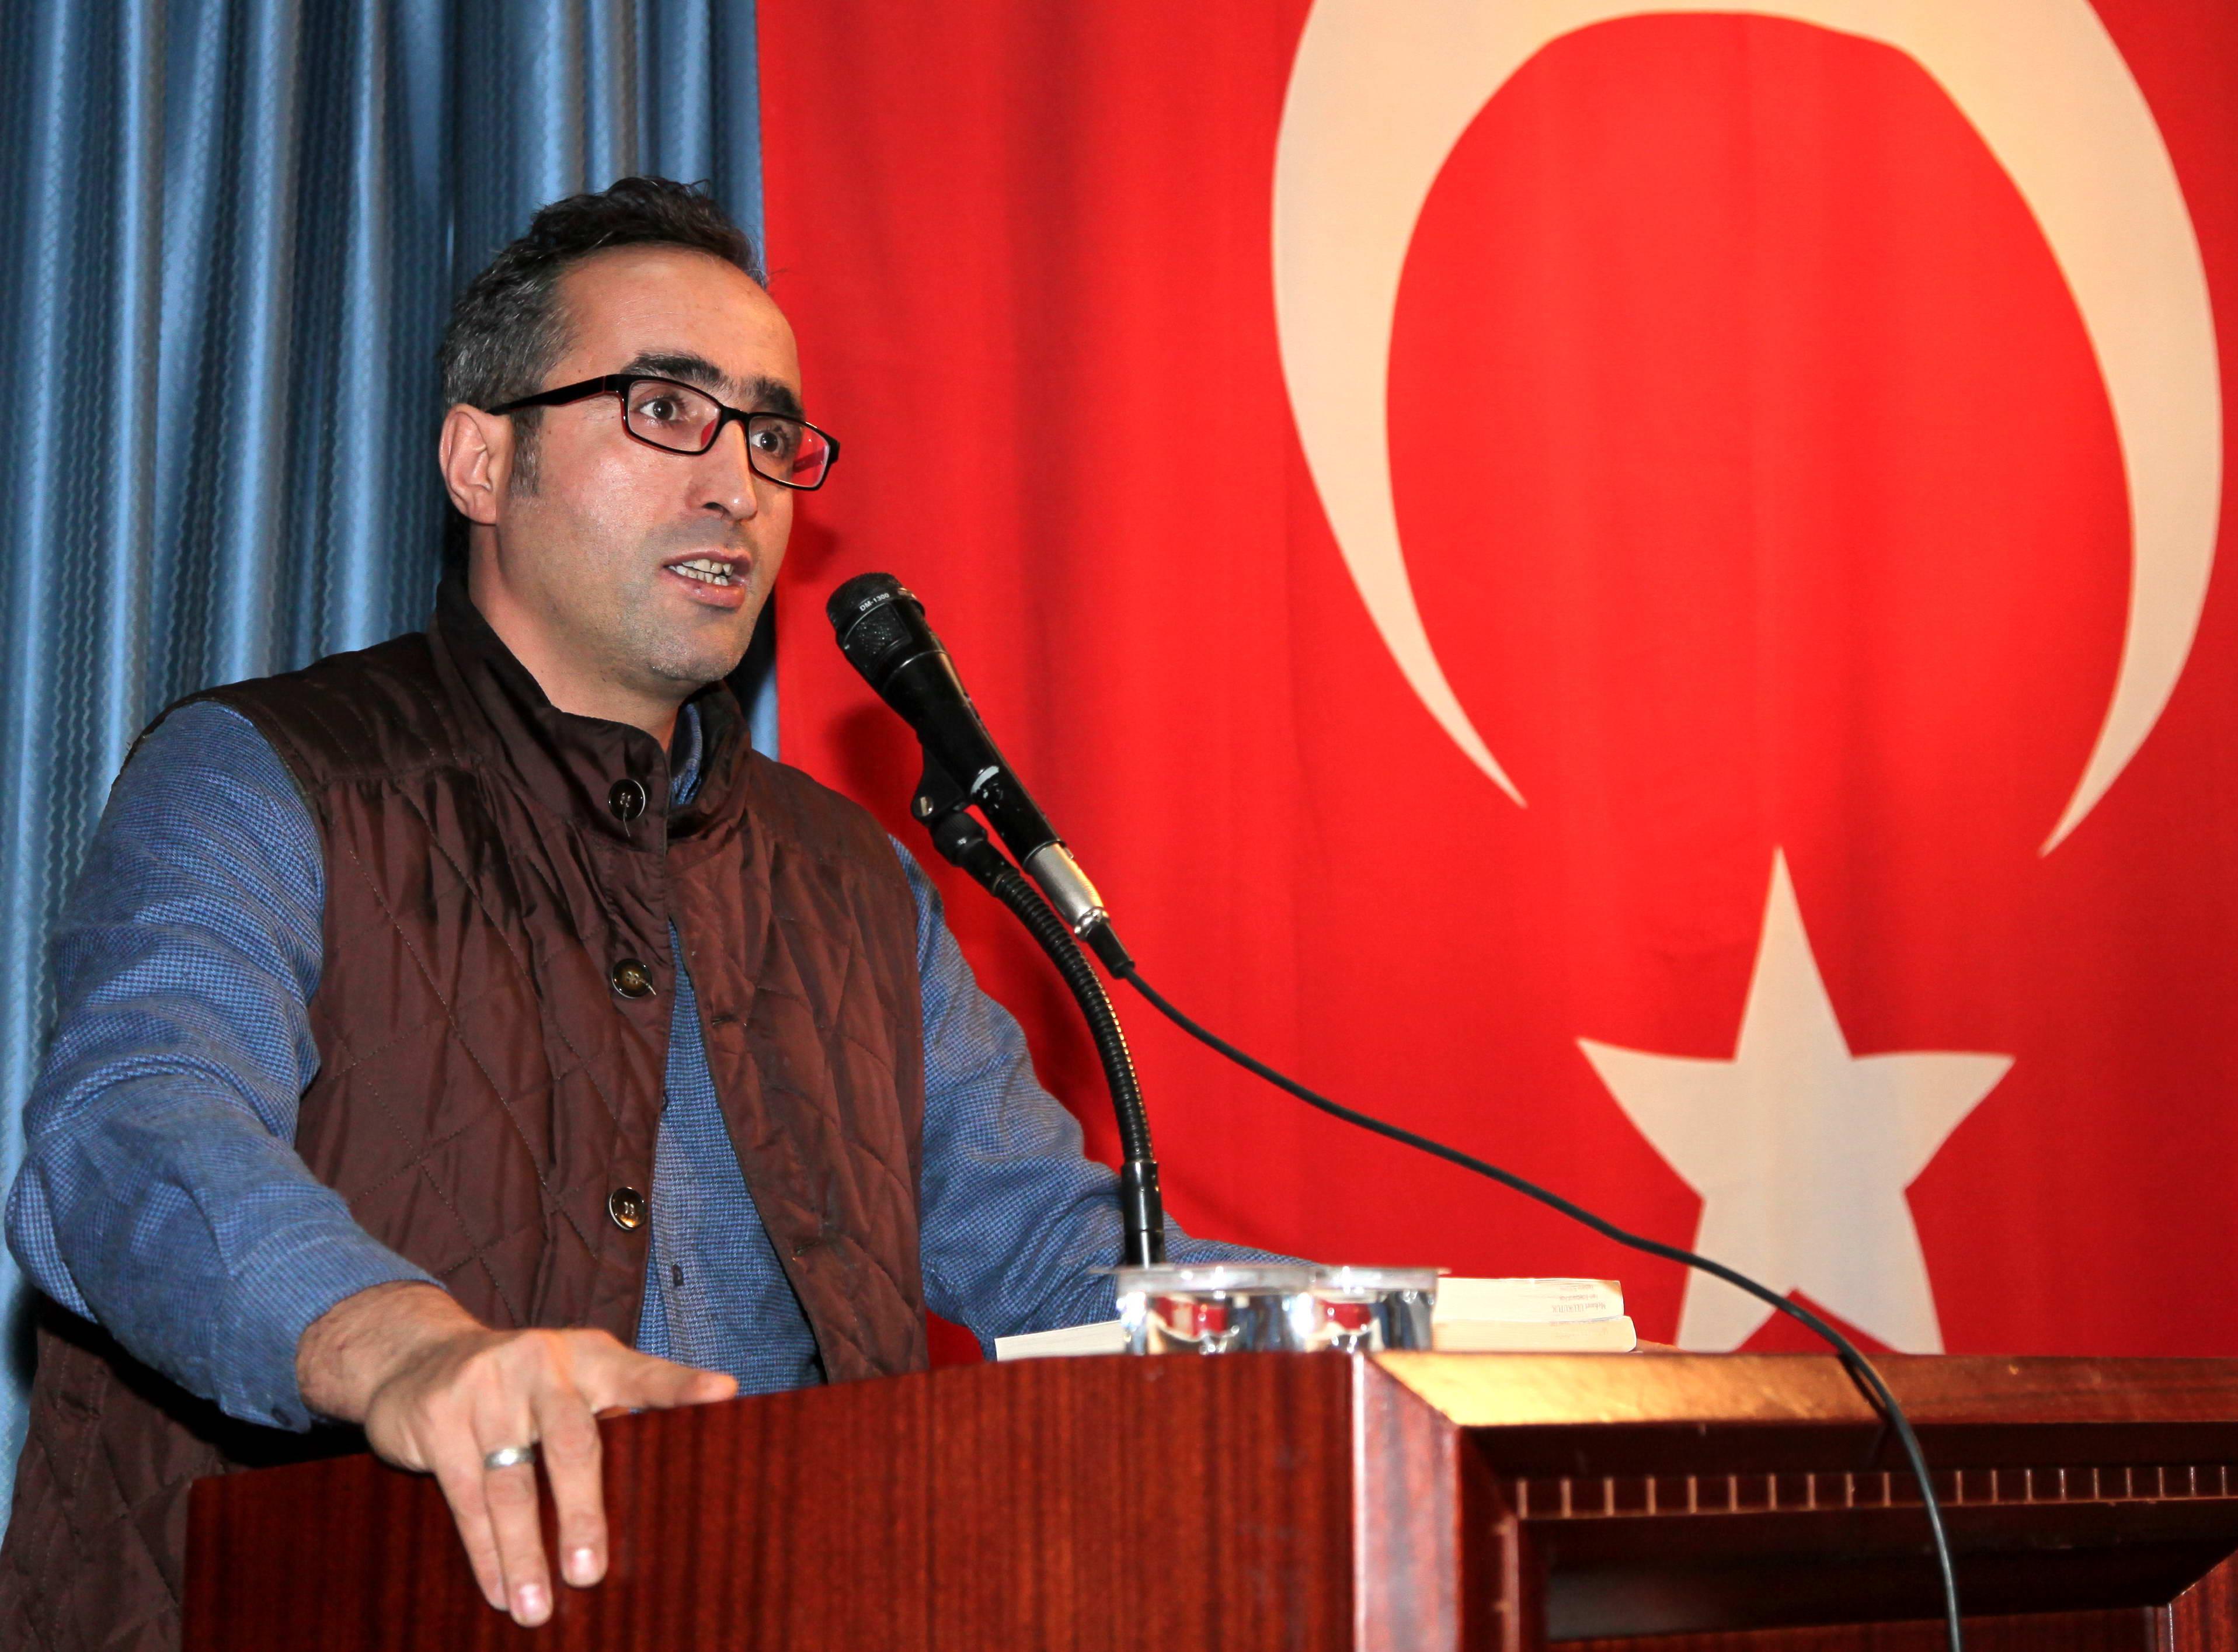 Yrd. Doç. Dr. Mehmet Ulukütük